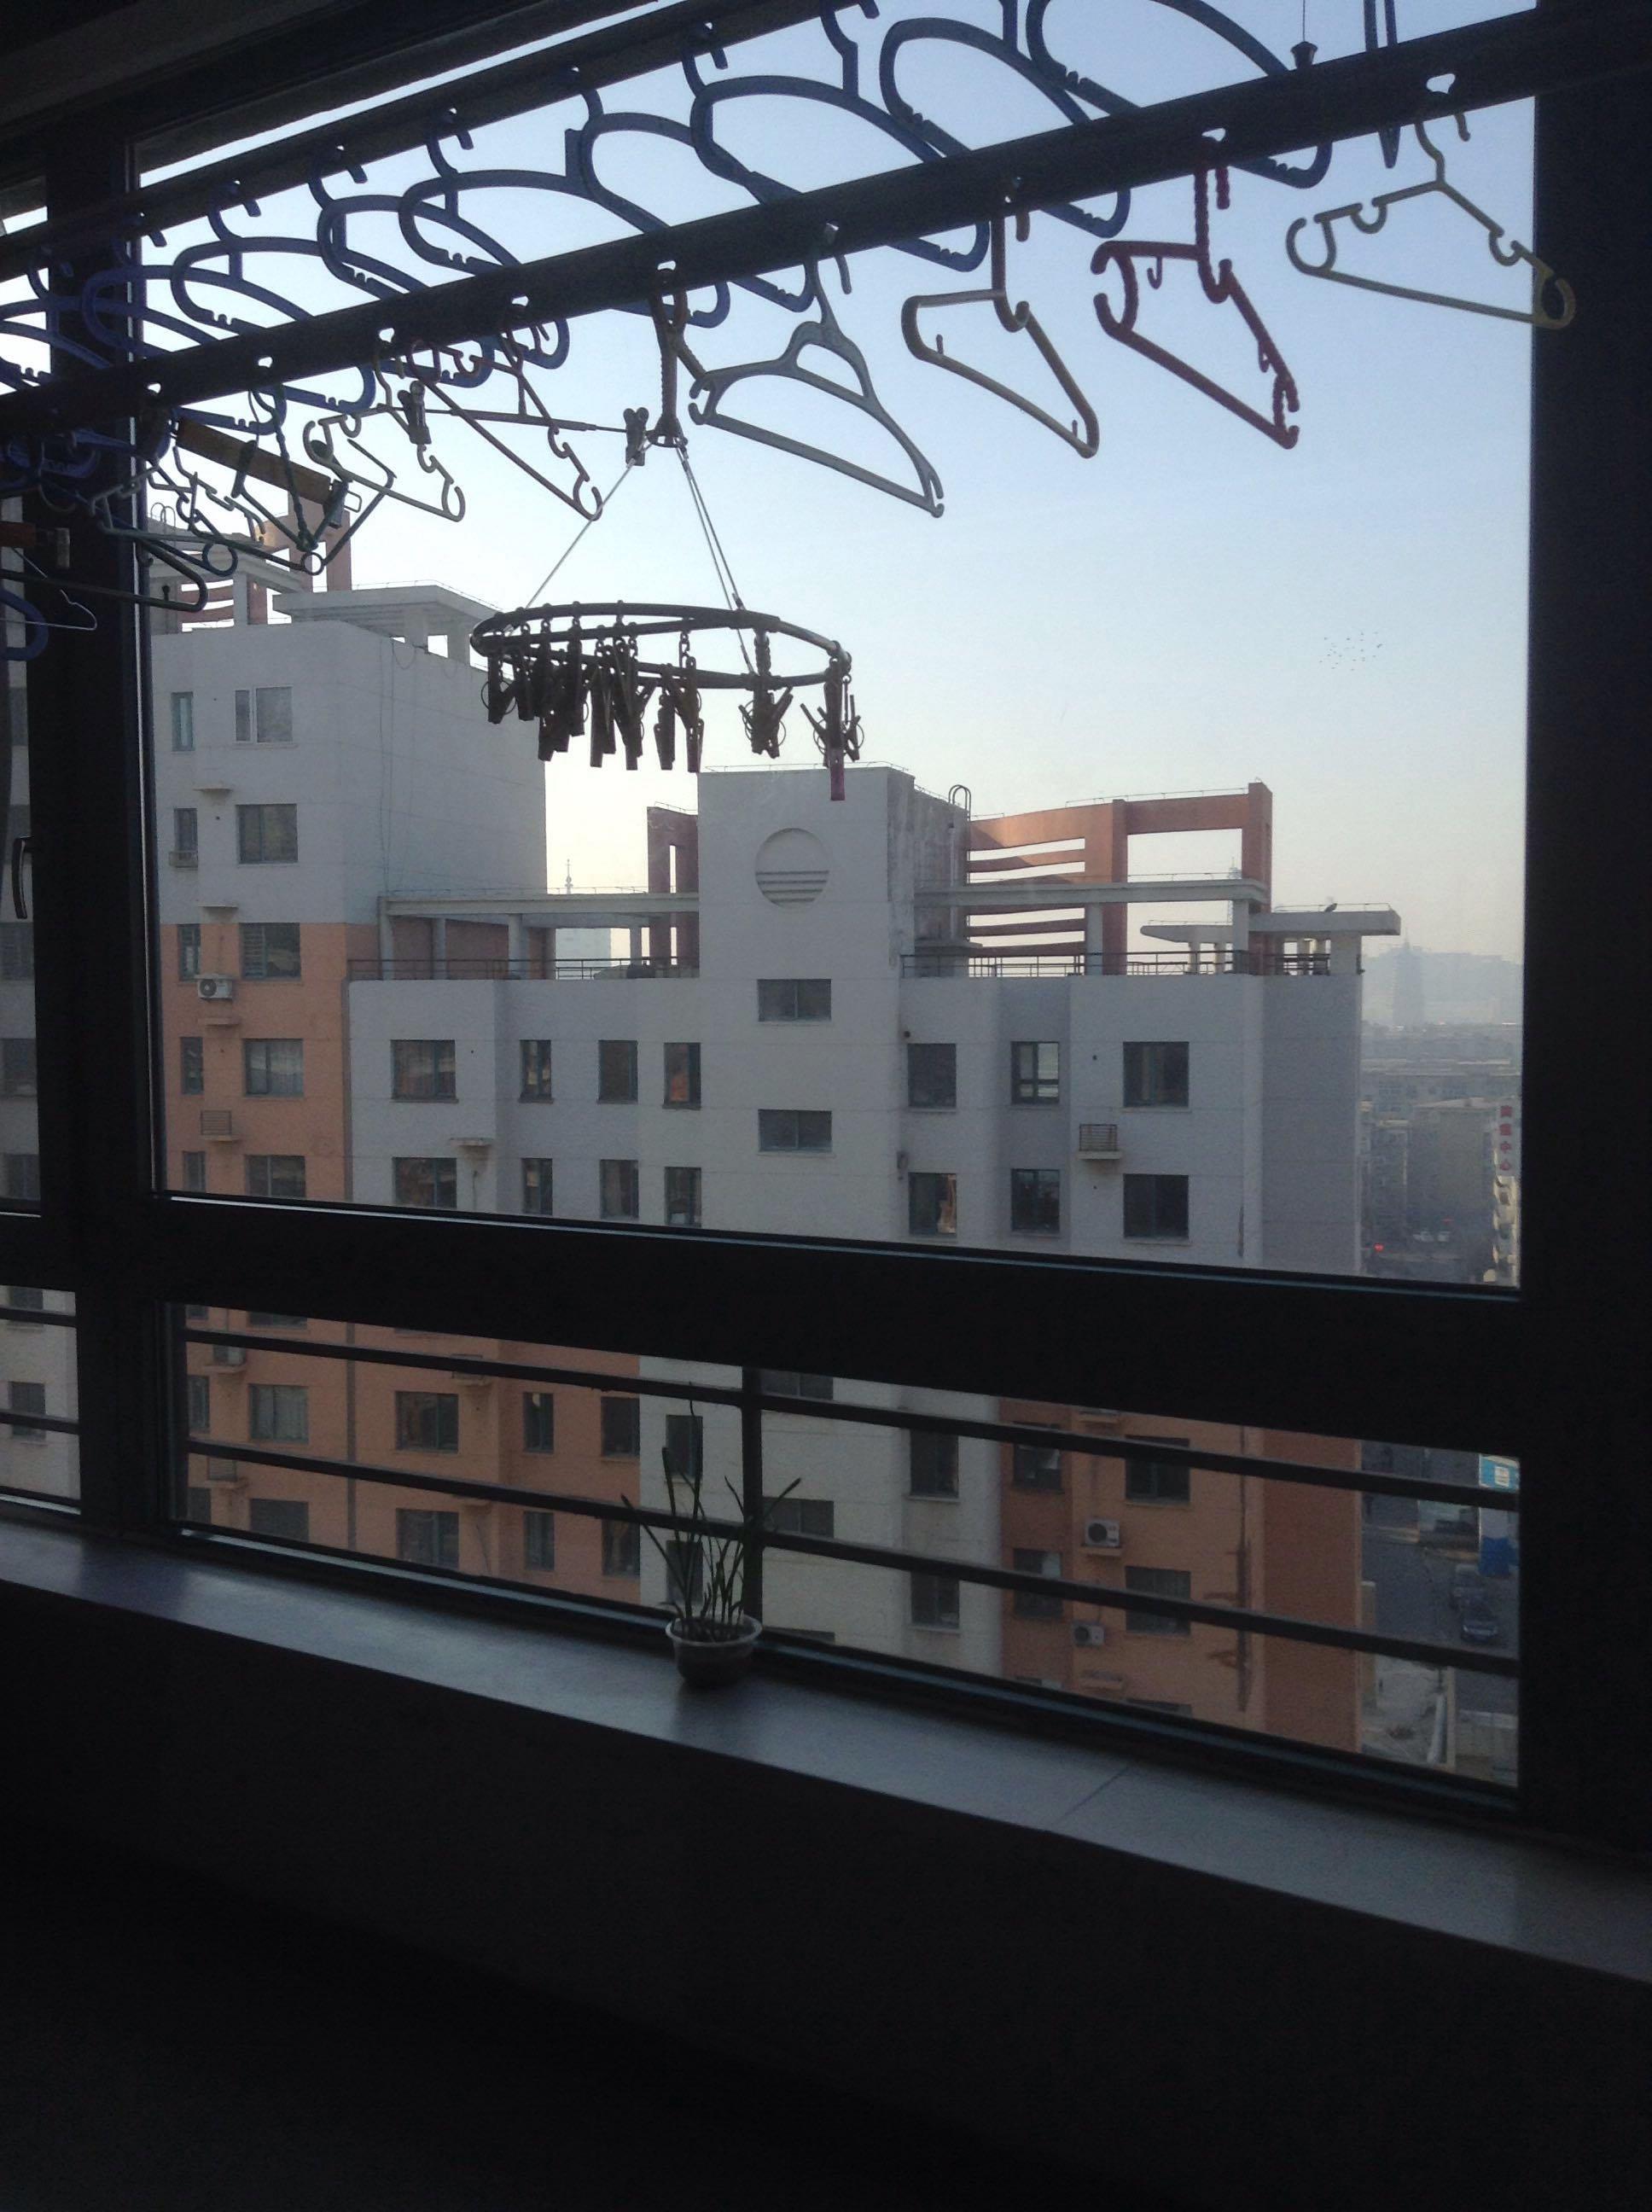 锦州市古塔区延安路5-121号天气预报